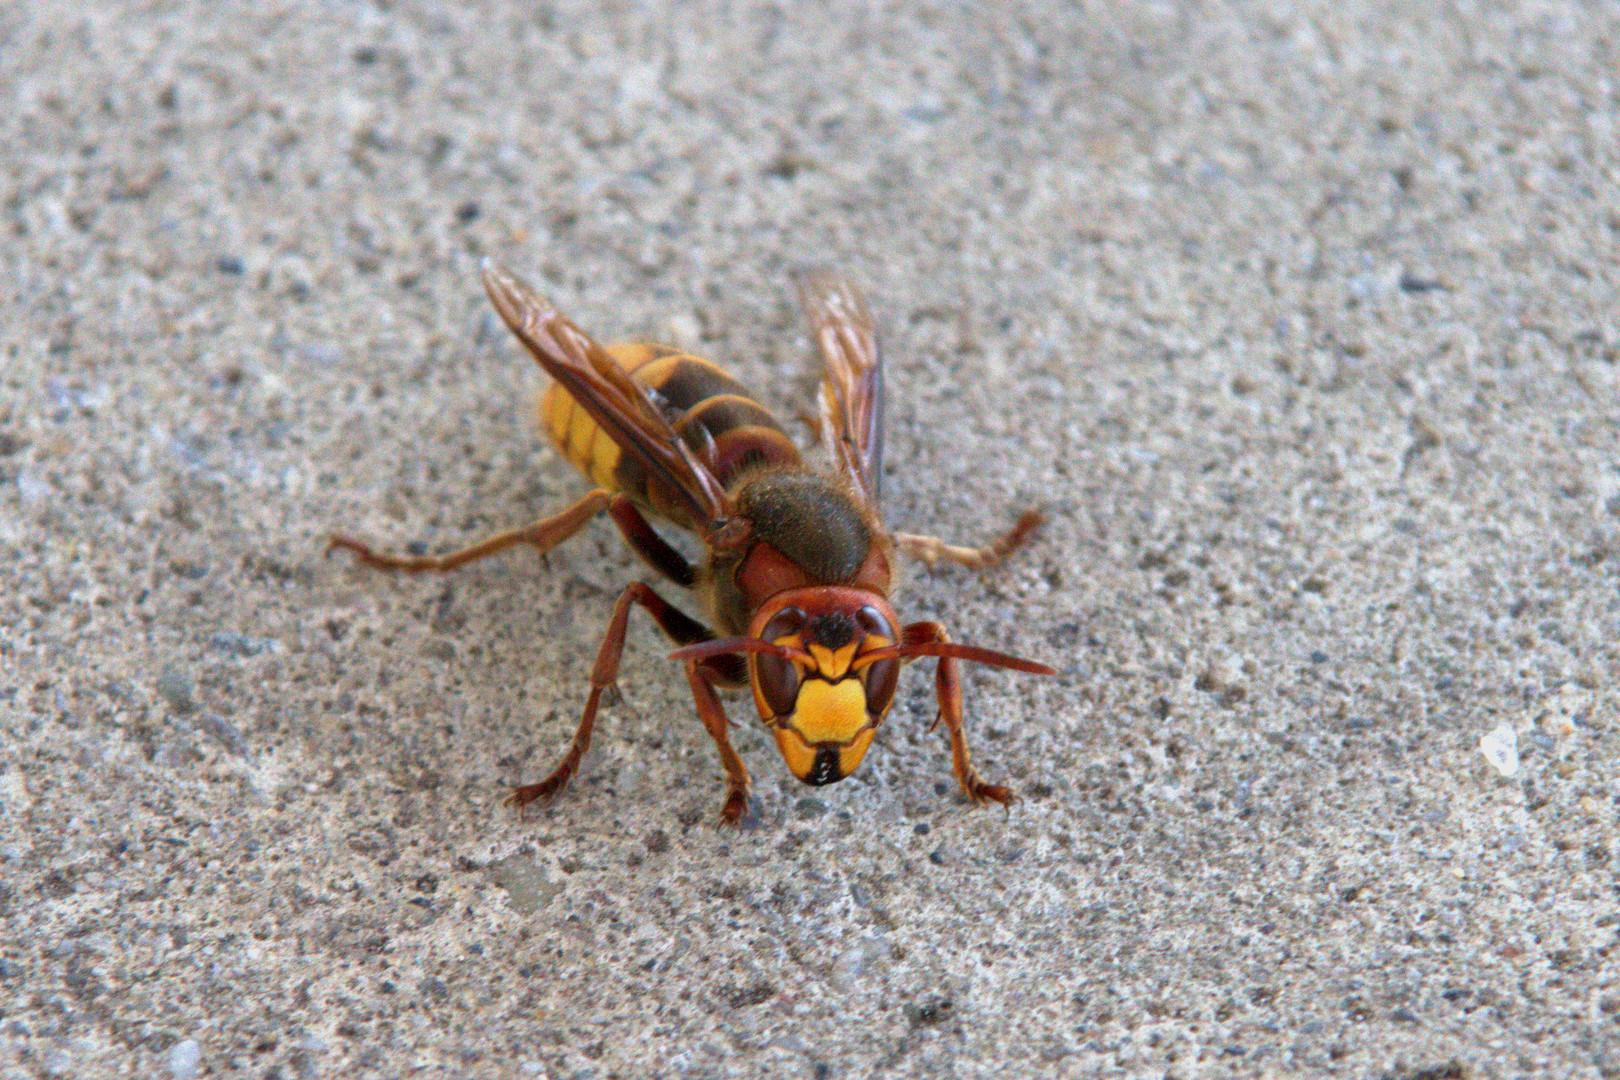 Hornisse (European hornet)